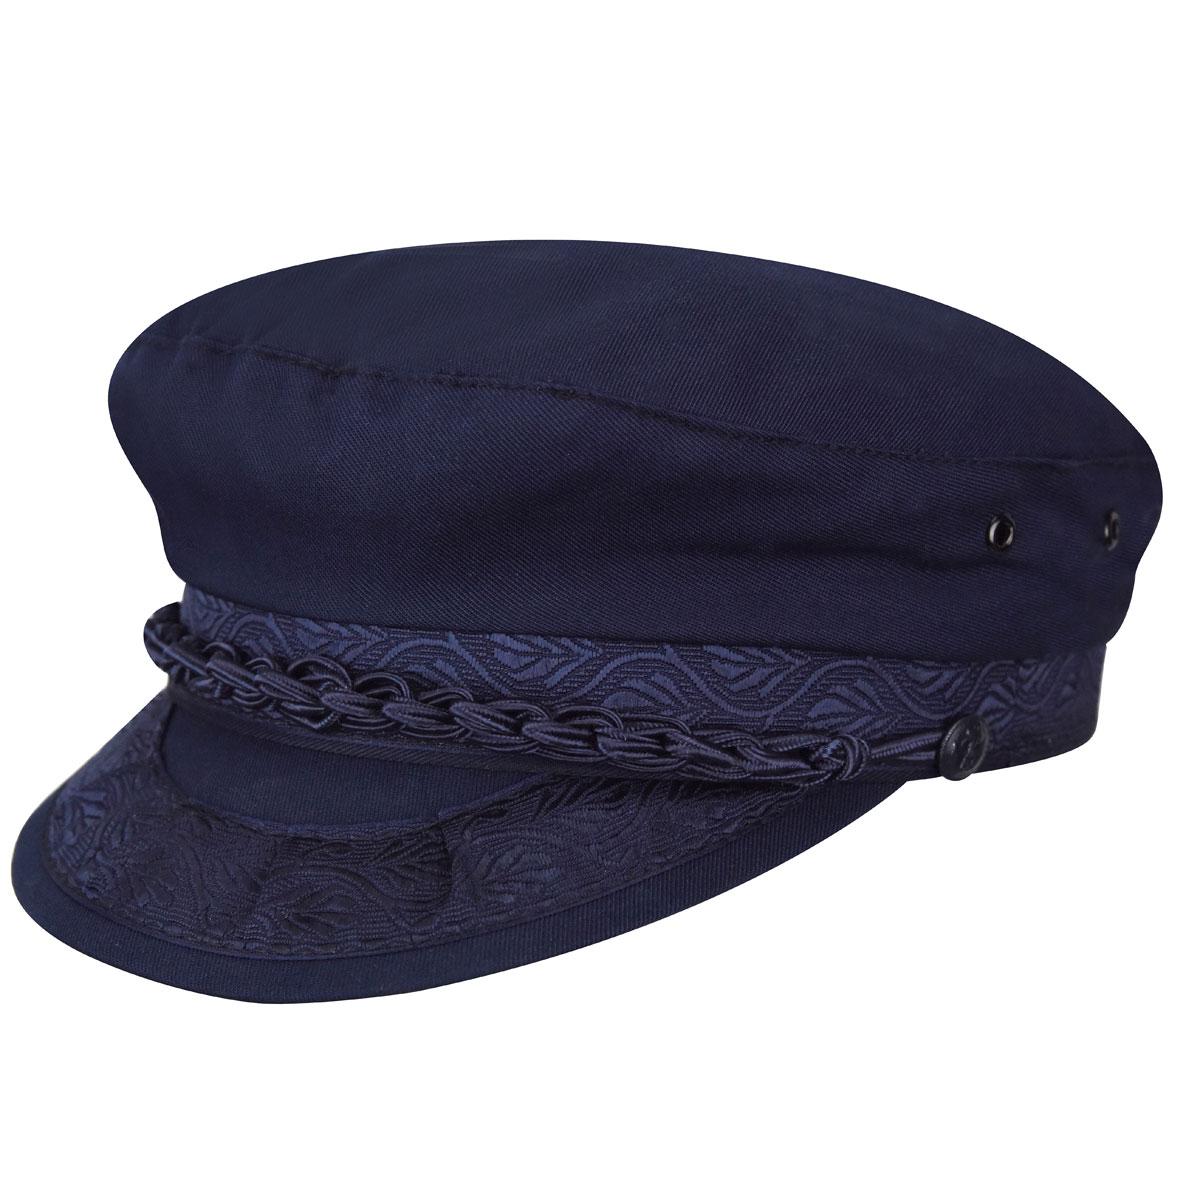 Country Gentleman Authentic Greek Cotton Cap in Navy